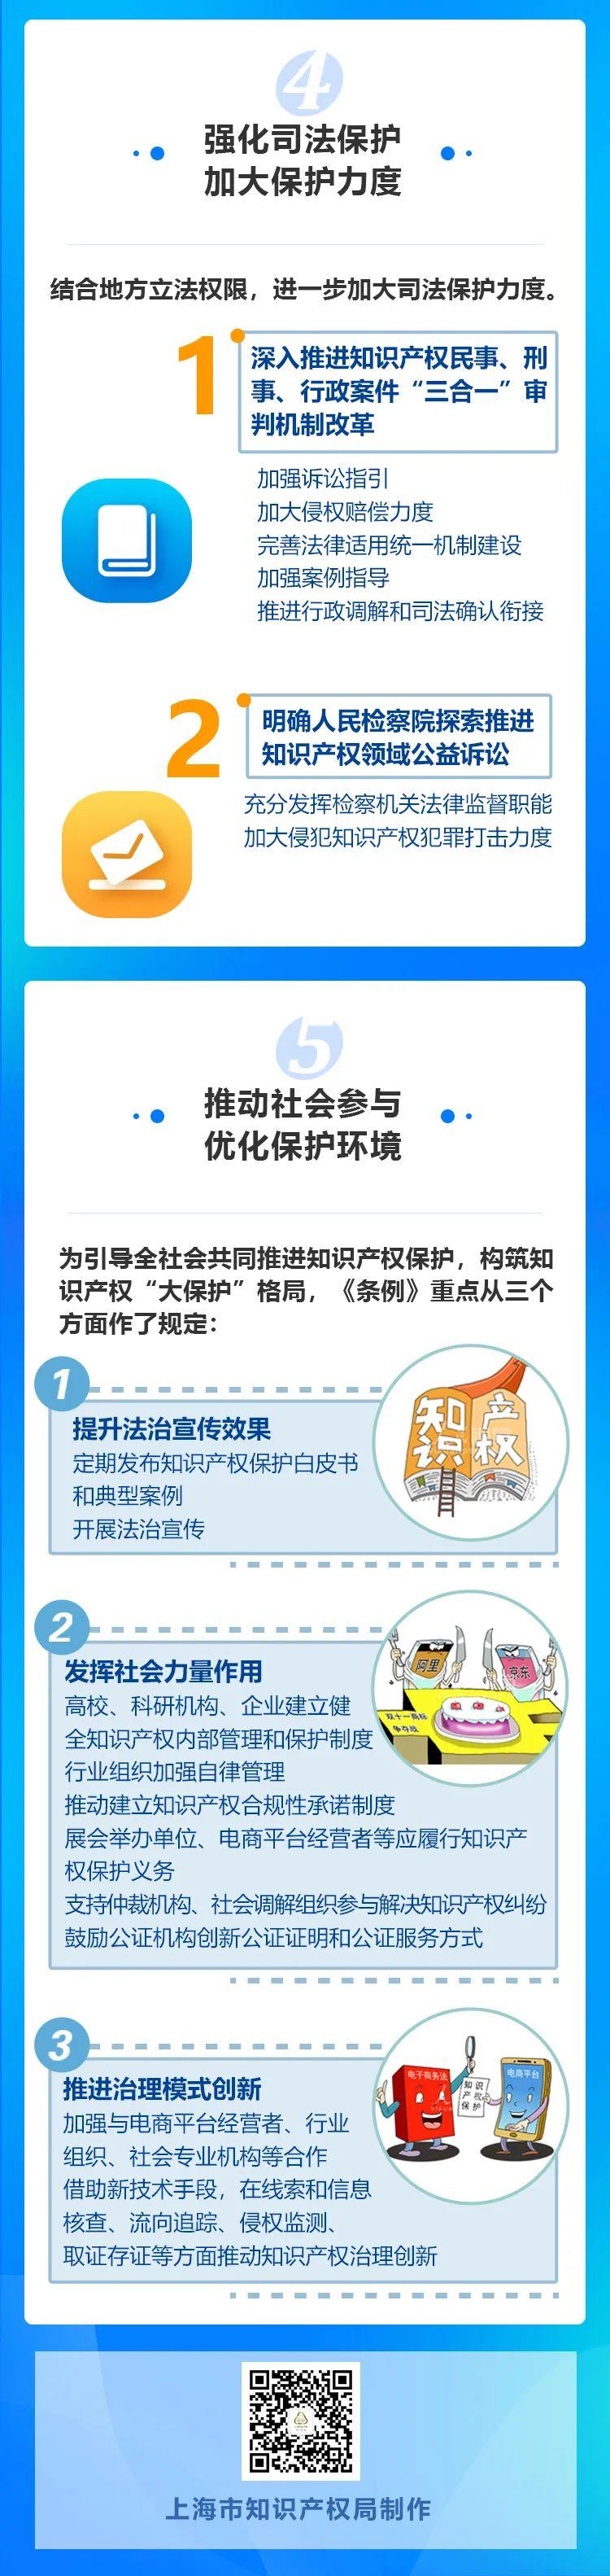 一图了解!上海市知识产权保护条例今日起实施